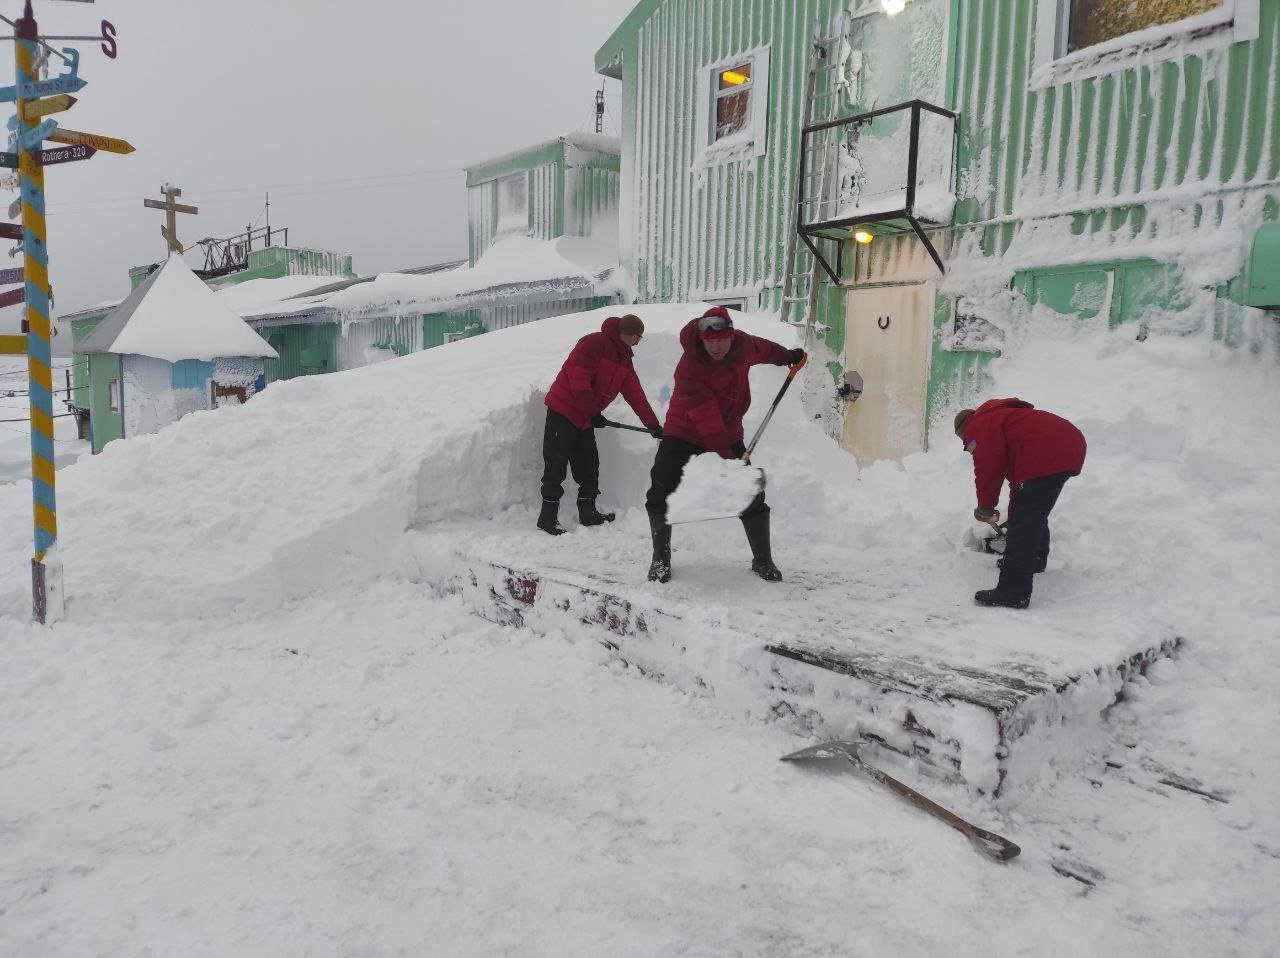 Зима в Украине будет очень холодной: прогноз погоды от ведущего украинского климатолога